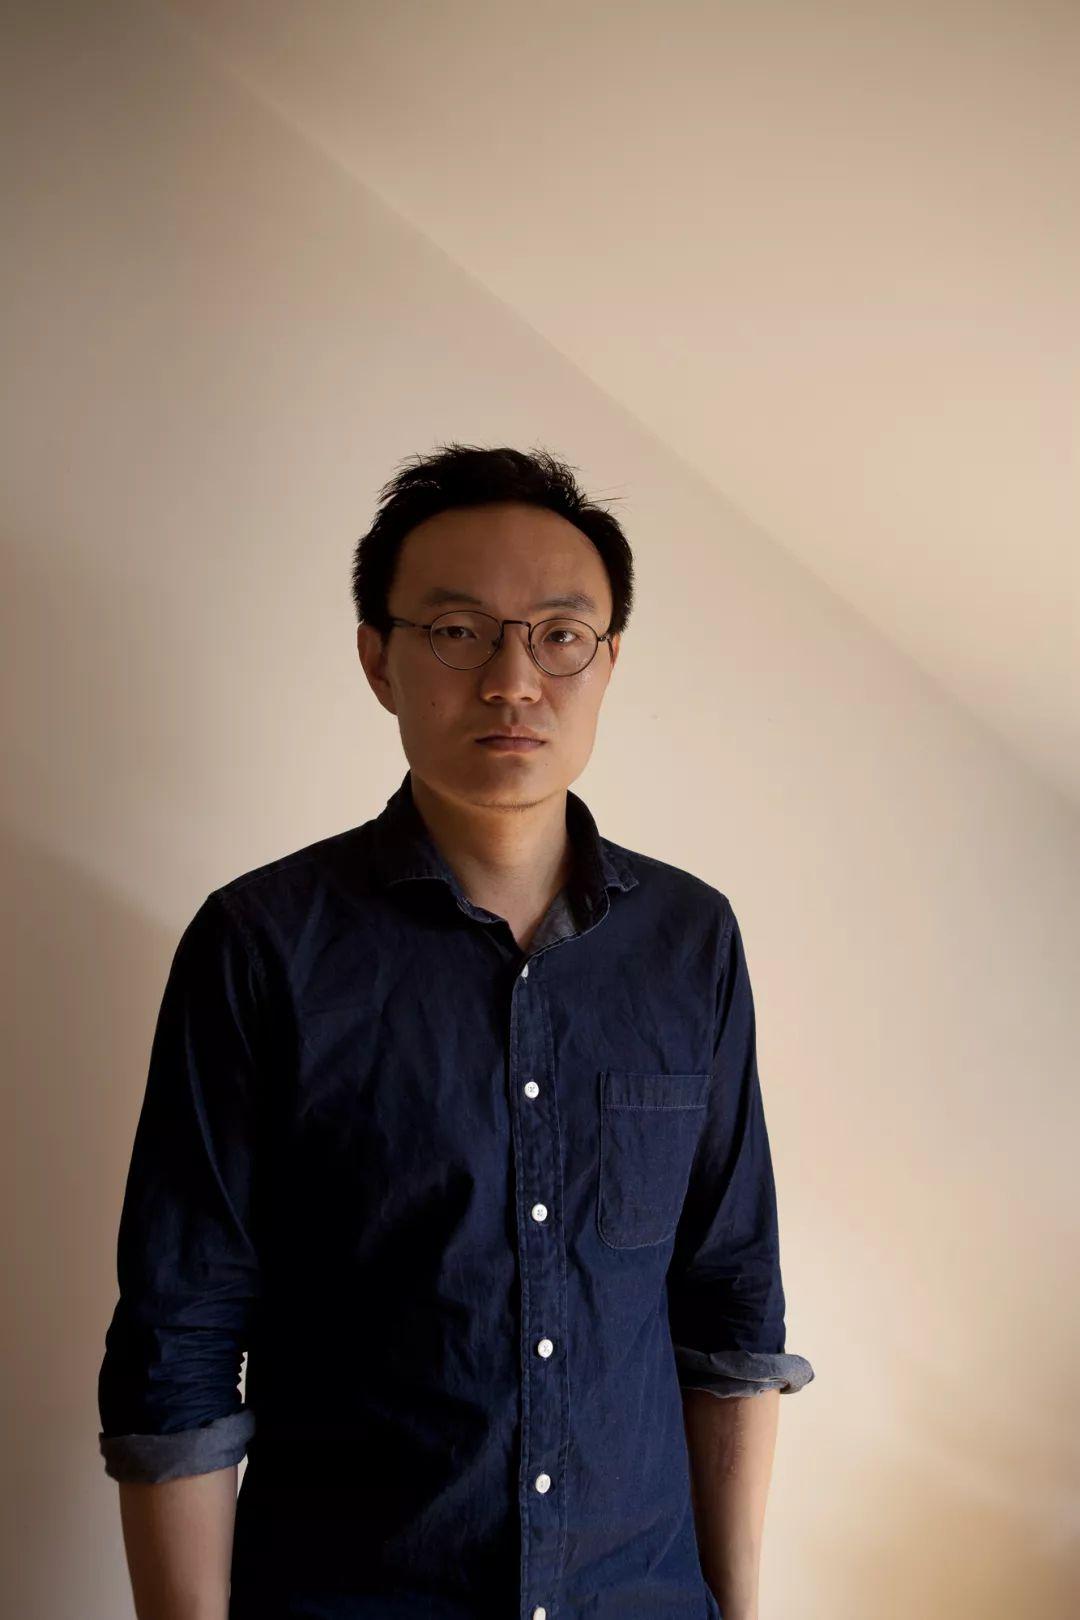 张之洲,1985年生于北京,先后在北京第二外国语学院,英国创意艺术大学学习并获得法学学士及摄影纯艺术硕士学位。现在是自由摄影师、艺术家,并同时进行写作实践。作品主要关注摄影的语言与观看的经验之间复杂的关系。